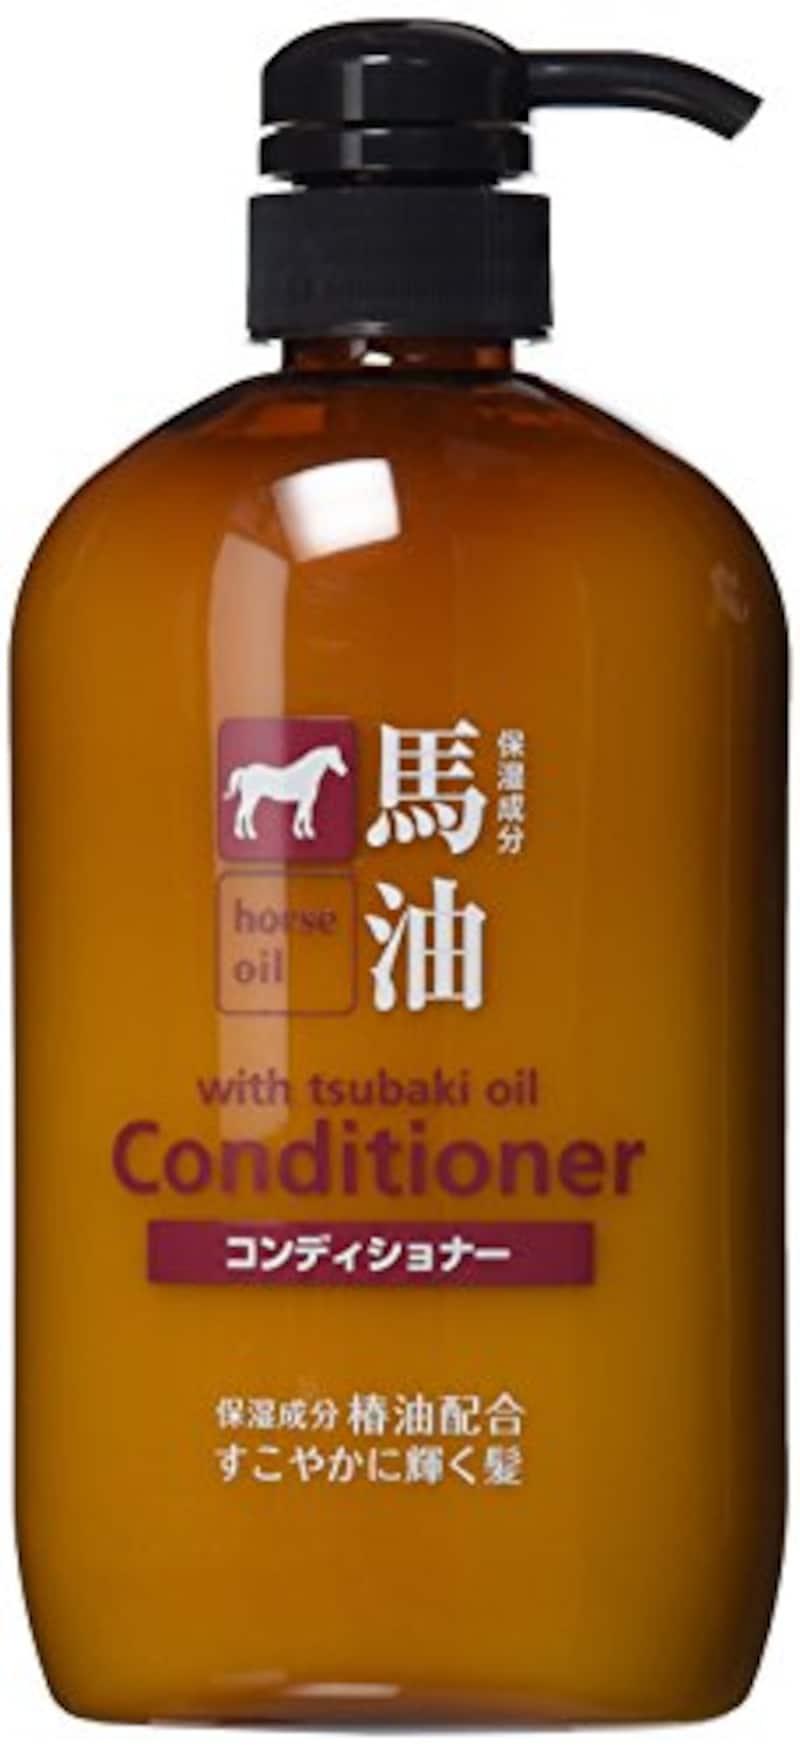 熊野油脂,馬油コンディショナー